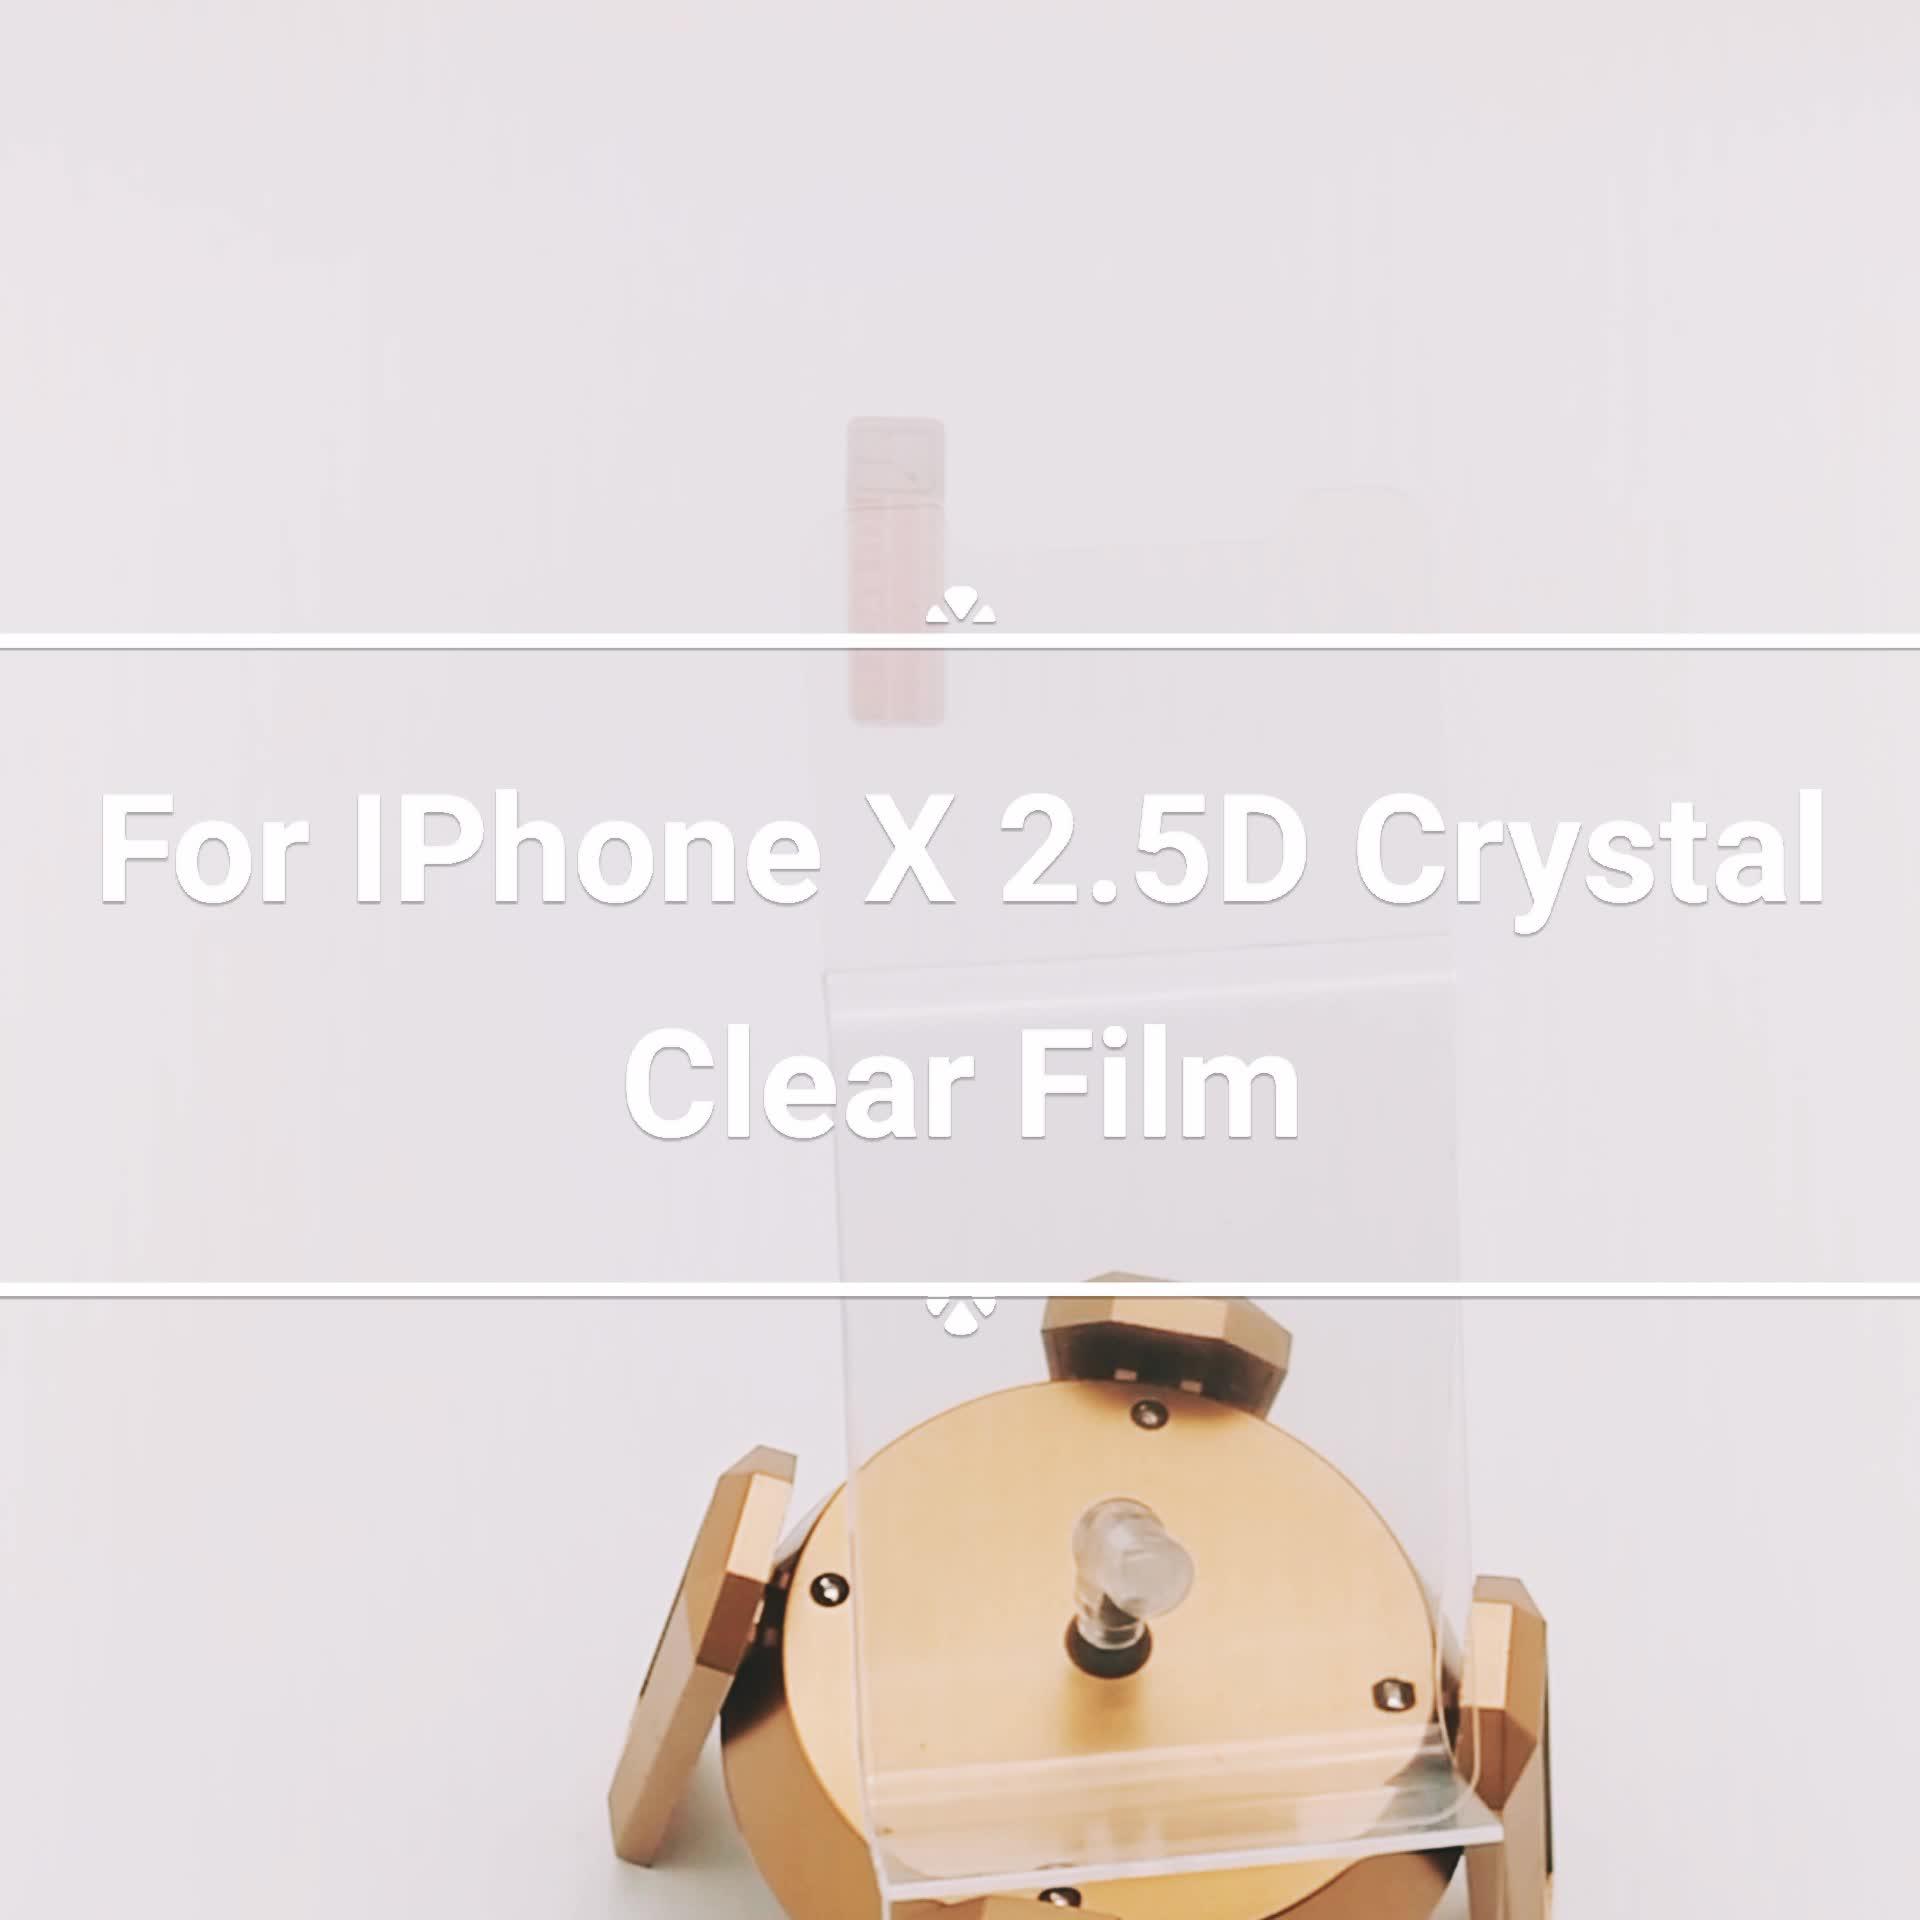 2018ราคาที่ดีที่สุดใหม่ล่าสุดภาพยนตร์โทรศัพท์มือถือ9 Hช็อกหลักฐานกระจกกันรอยหน้าจอสำหรับiPhone 8